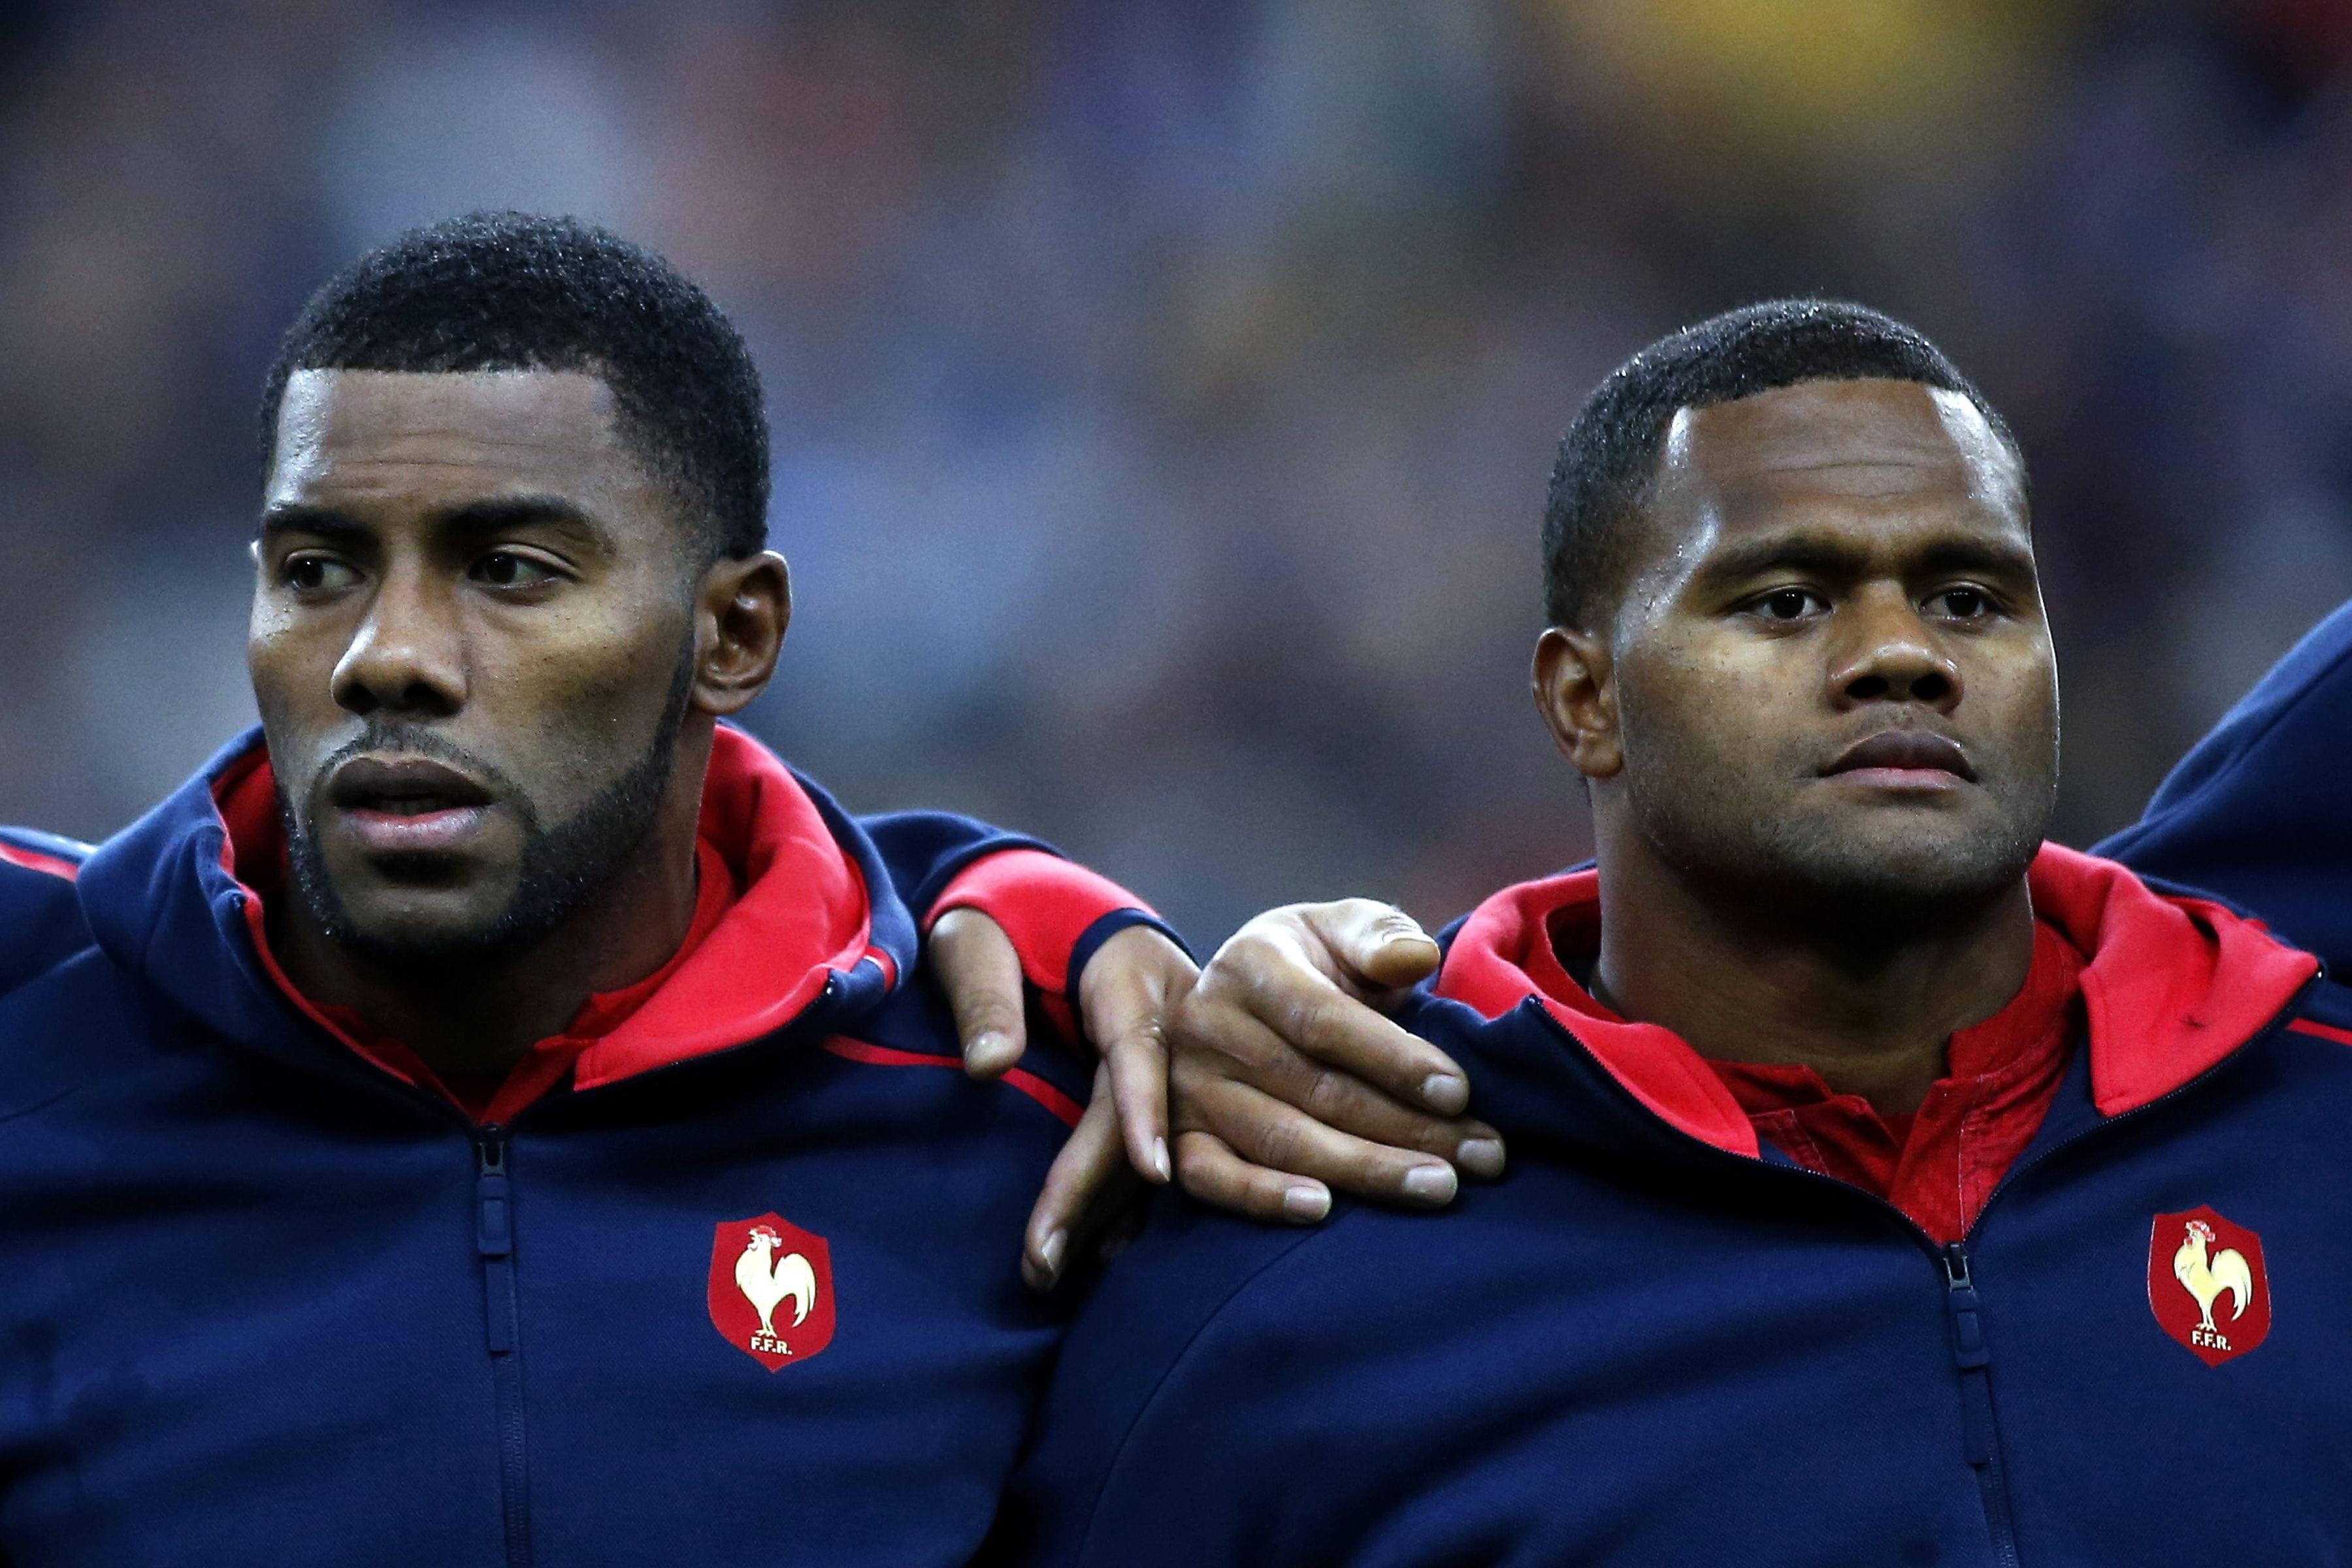 Les All-Blacks battent la France et ponctuent une année exceptionnelle